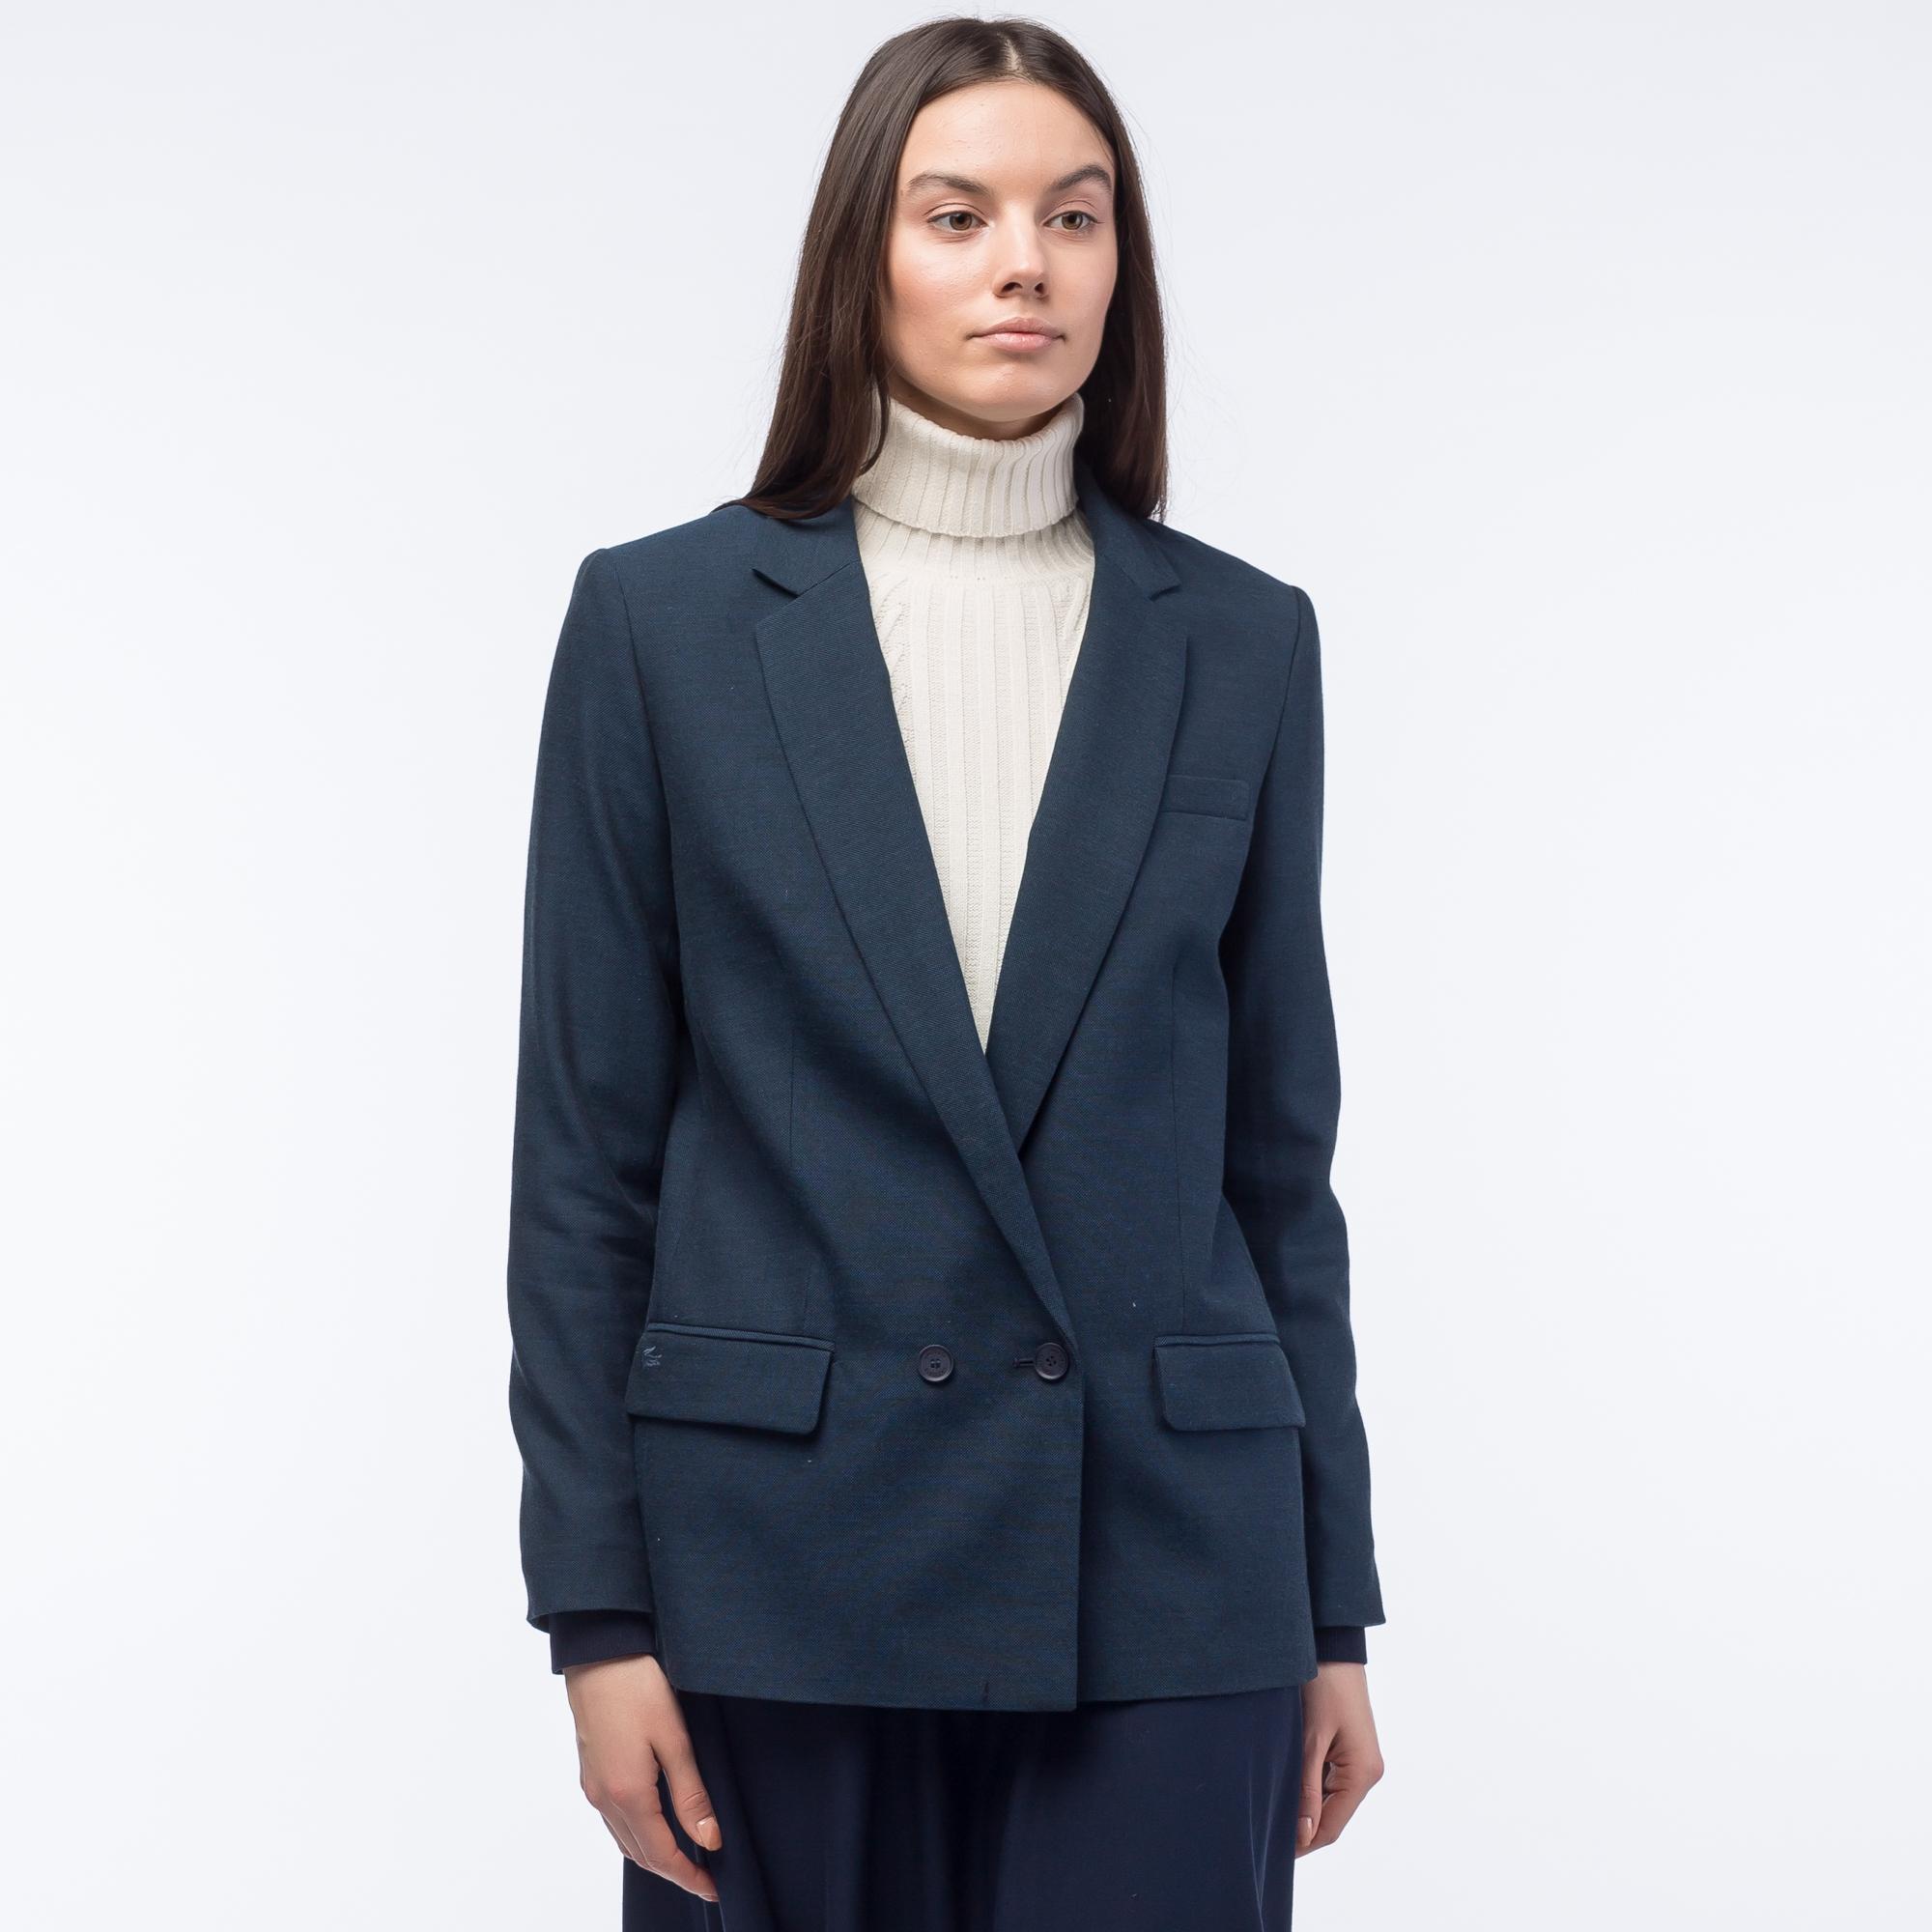 Пиджак LacosteВерхняя одежда<br>Детали: стильный женский пиджак  \ Материал: 72% хлопок 28% шерсть \ Страна производства: Болгария